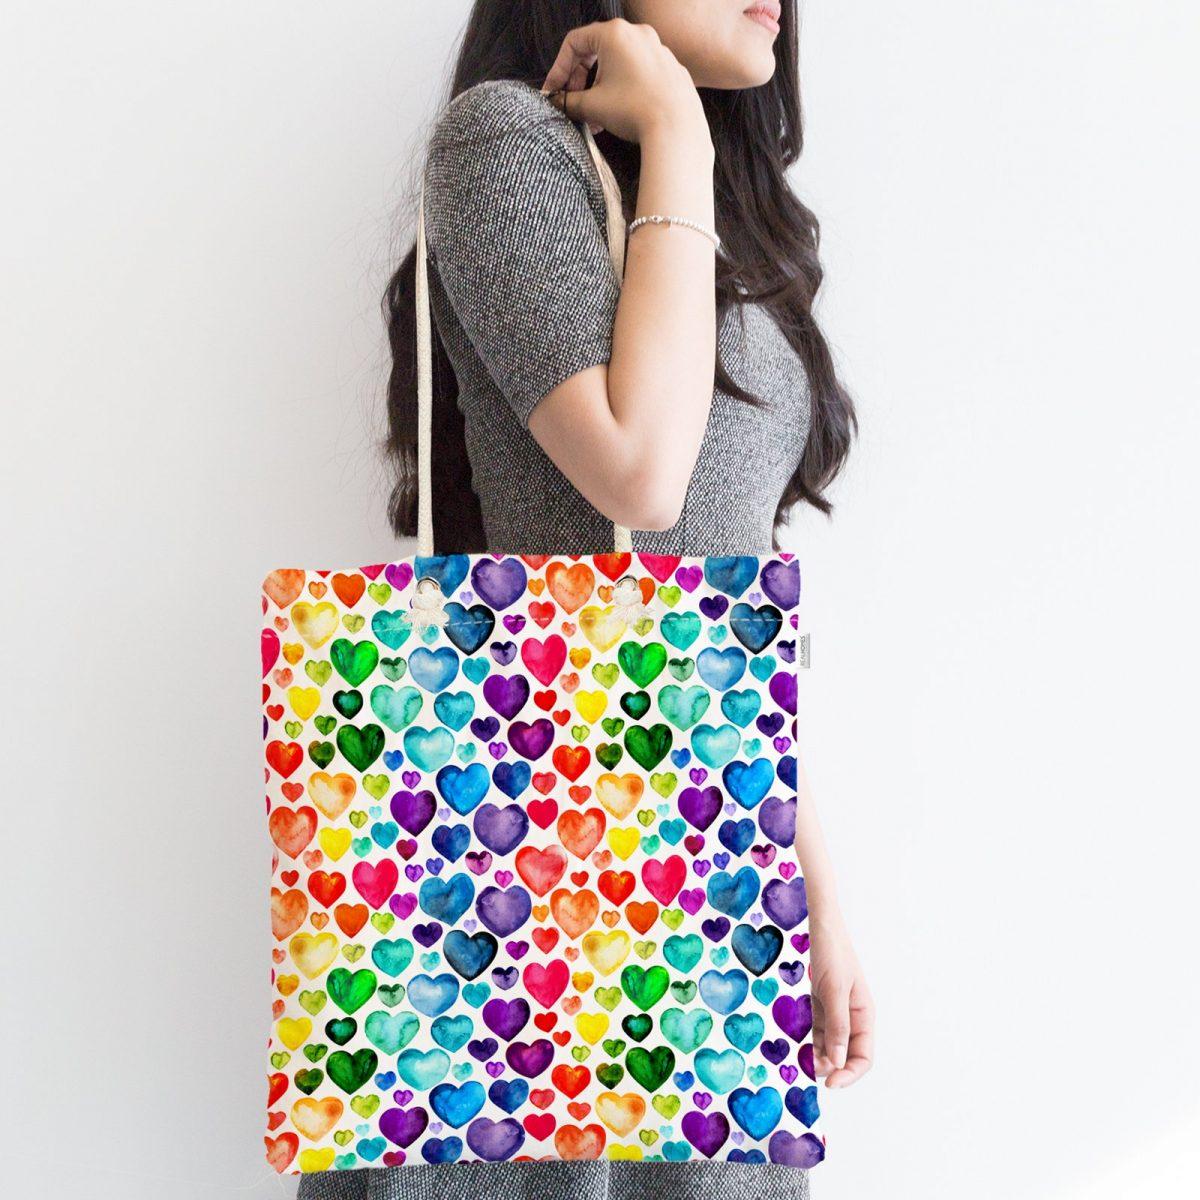 Özel Tasarım Renkli Kalpler Dijital Baskılı Kumaş Çanta Realhomes